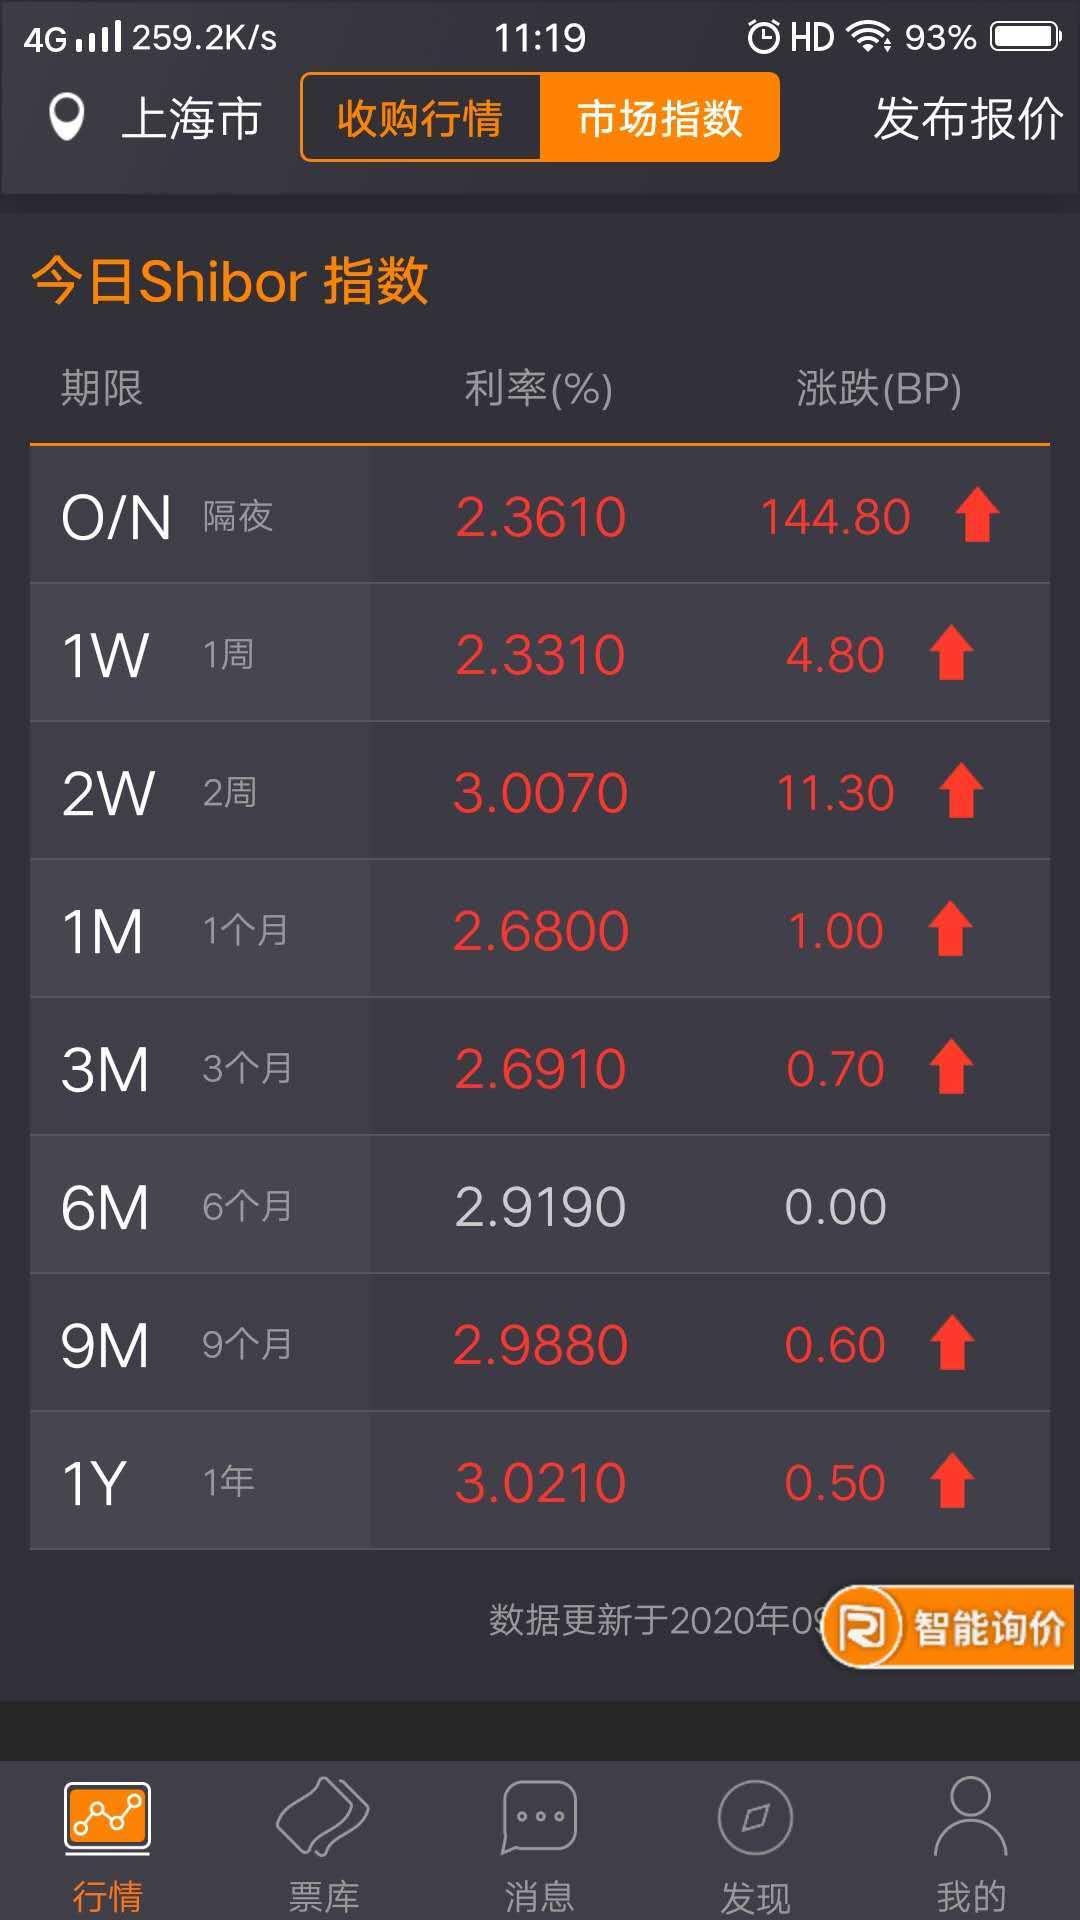 【货币市场概览】隔夜shibor飚涨144BP,季末最后一天果然反应很大